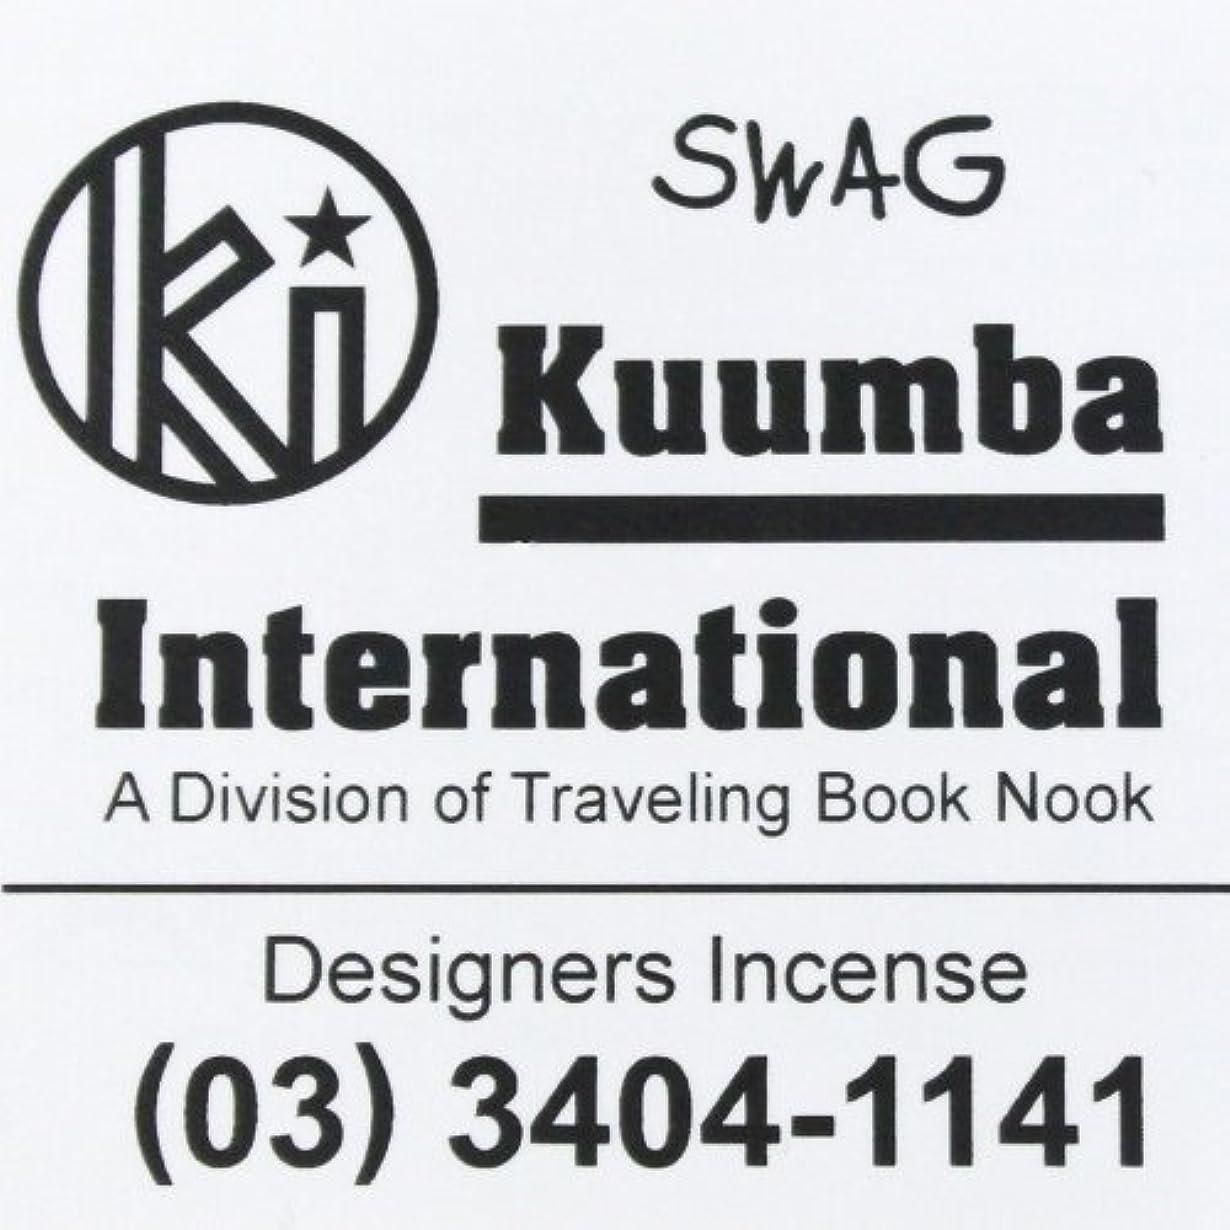 フォーマットカスタム立証する(クンバ) KUUMBA『incense』(SWAG) (Regular size)